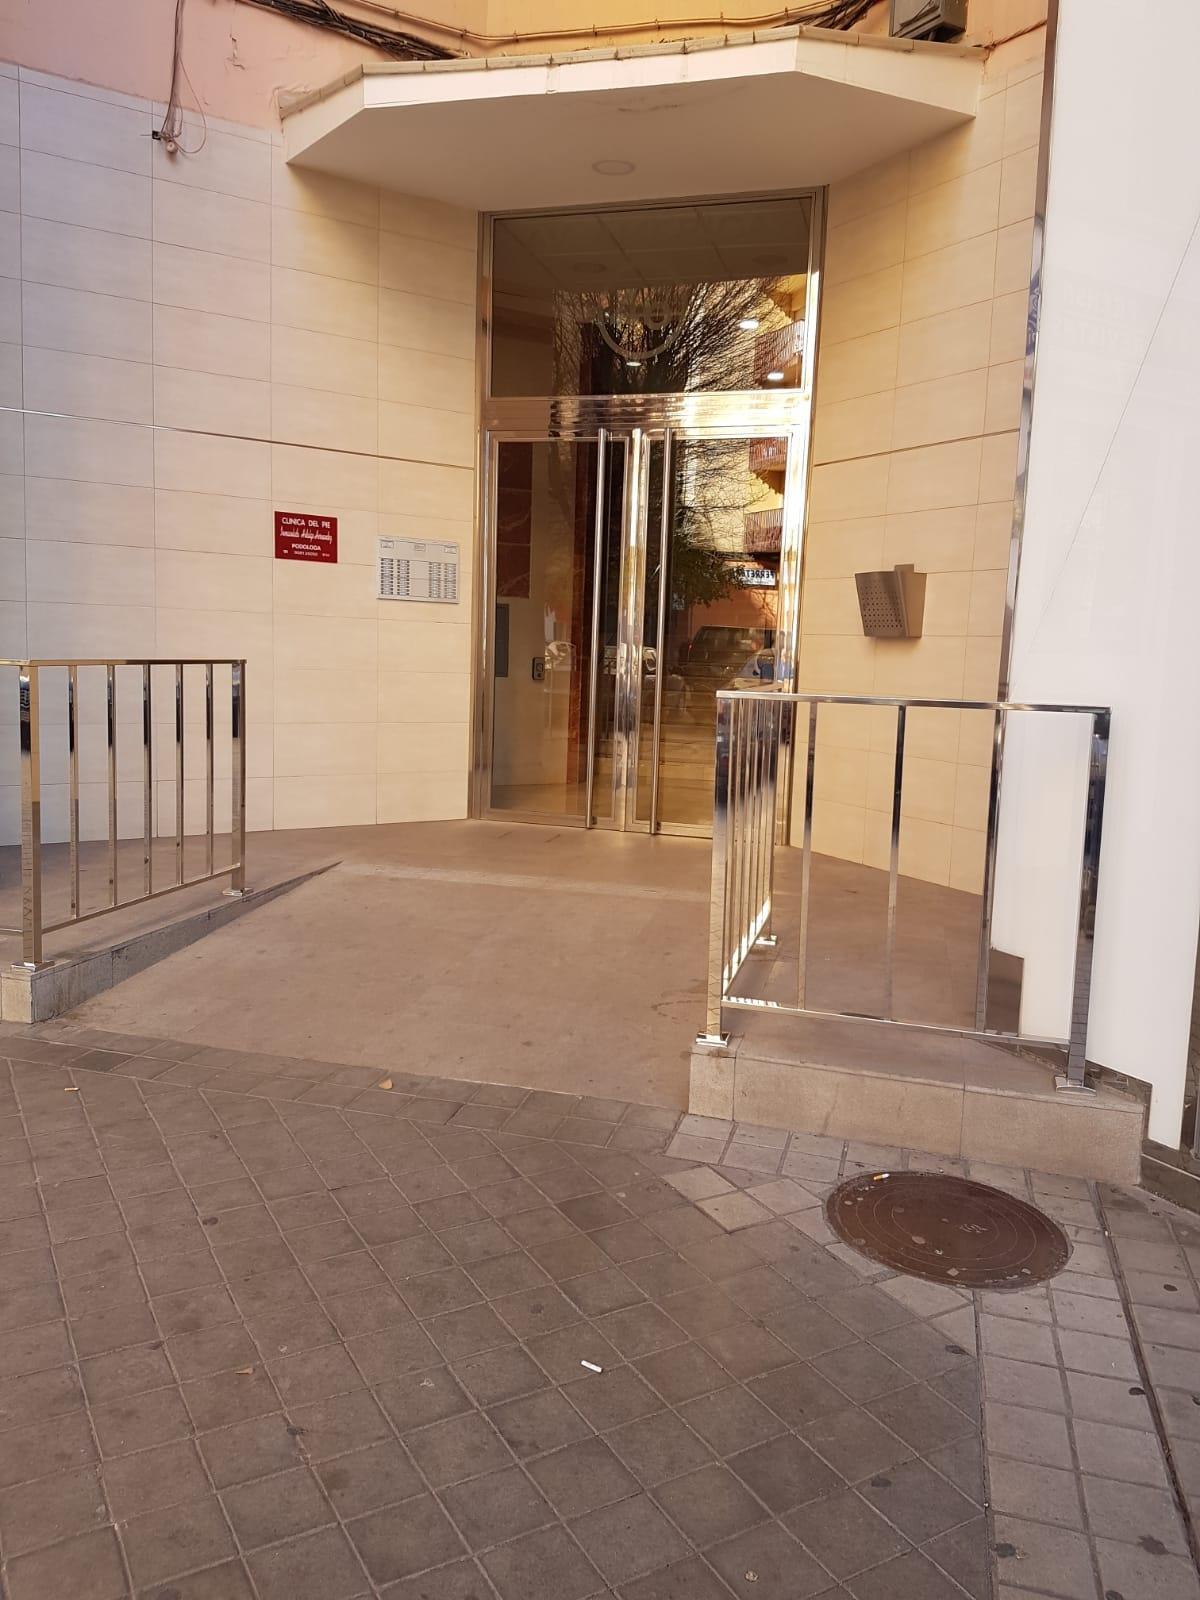 Piso en alquiler en Zaidín (Granada), 600 €/mes (Temporada, Estudiantes)